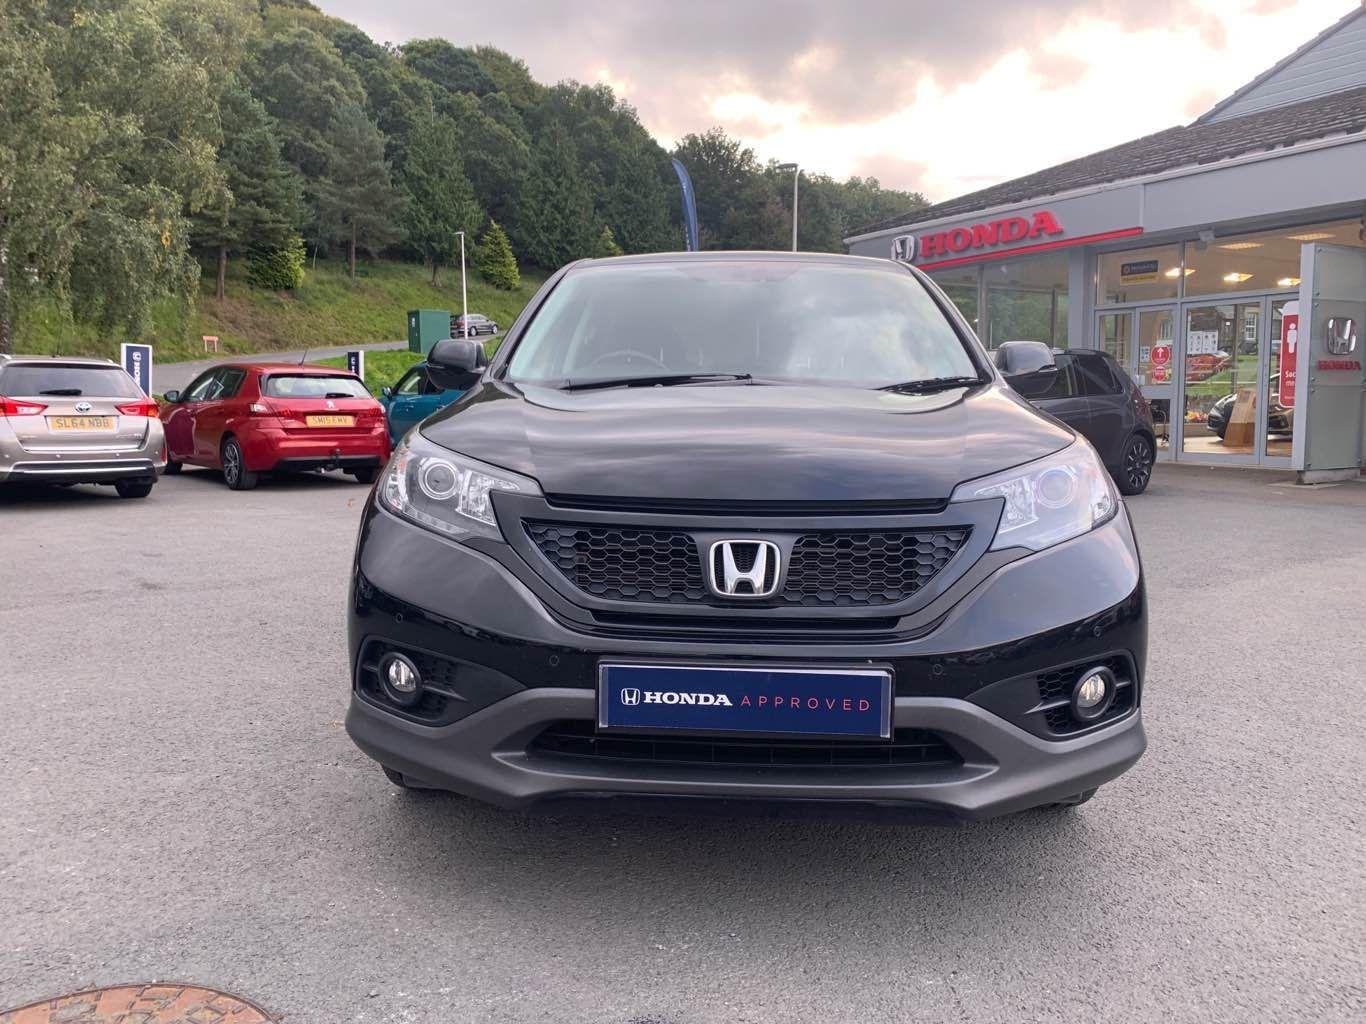 Honda CR-V Black Edition I-dtec